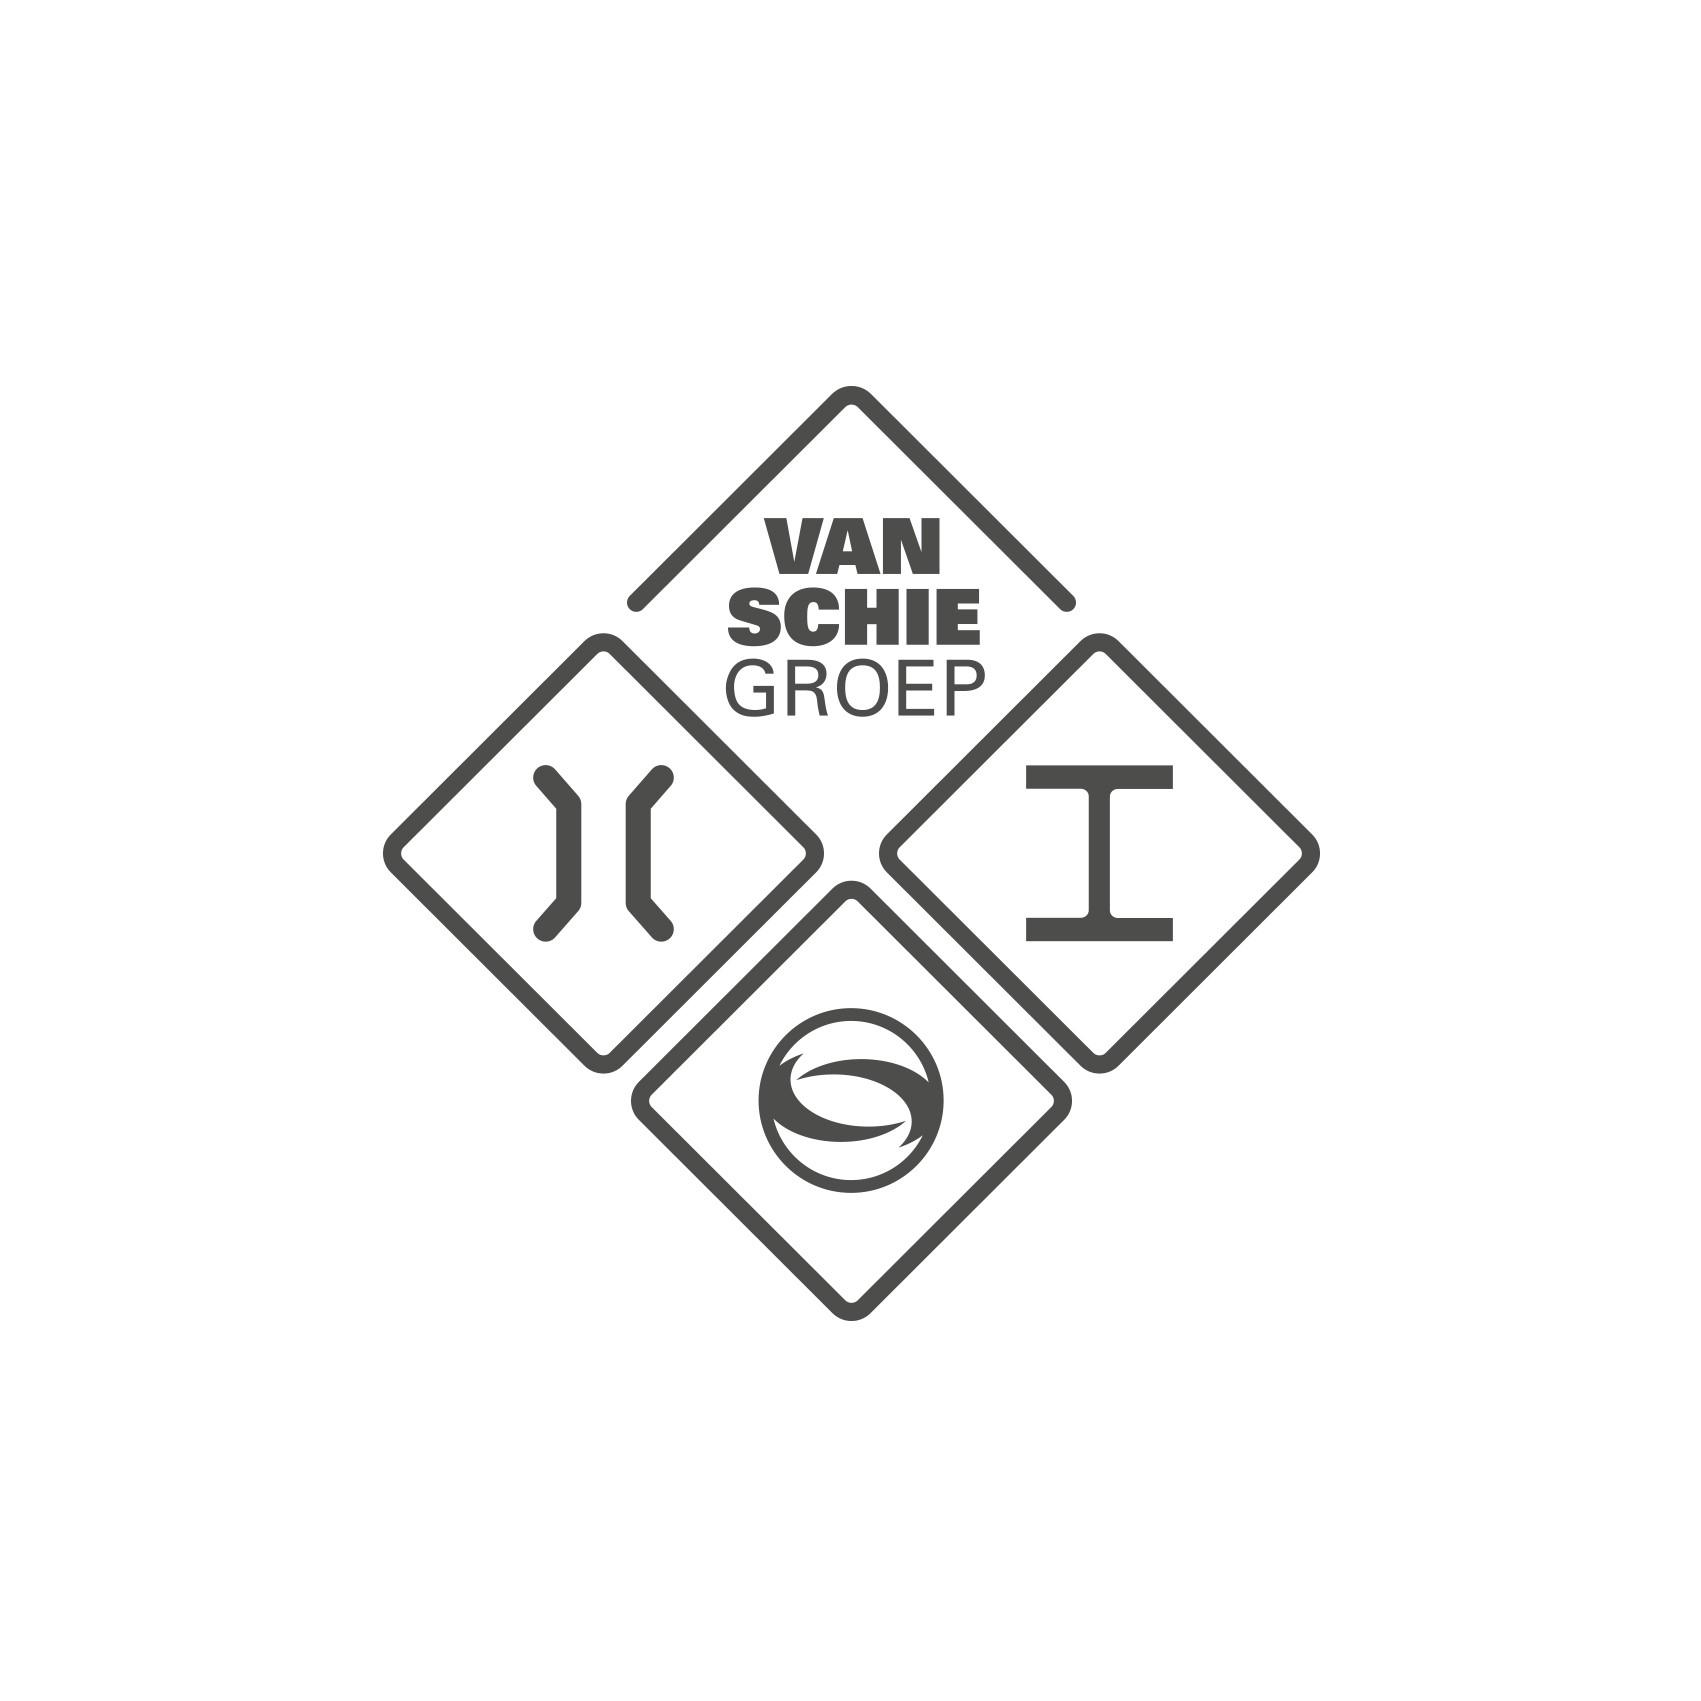 Van Schie Groepspresentatie Future Proof logo